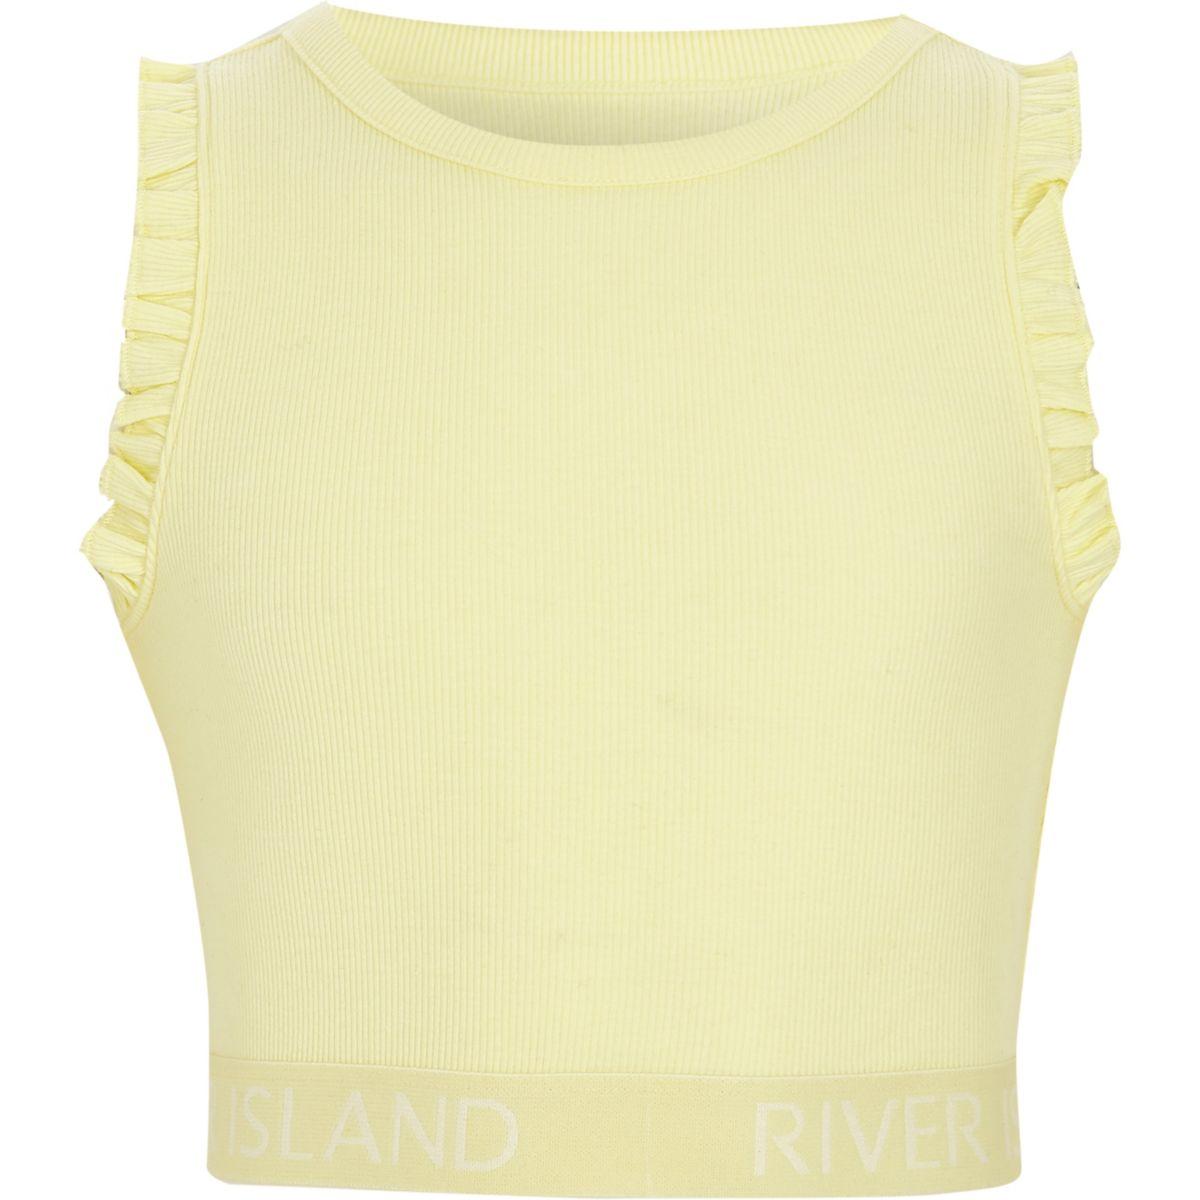 Crop top côtelé jaune avec volants aux manches et ourlet RI pour fille